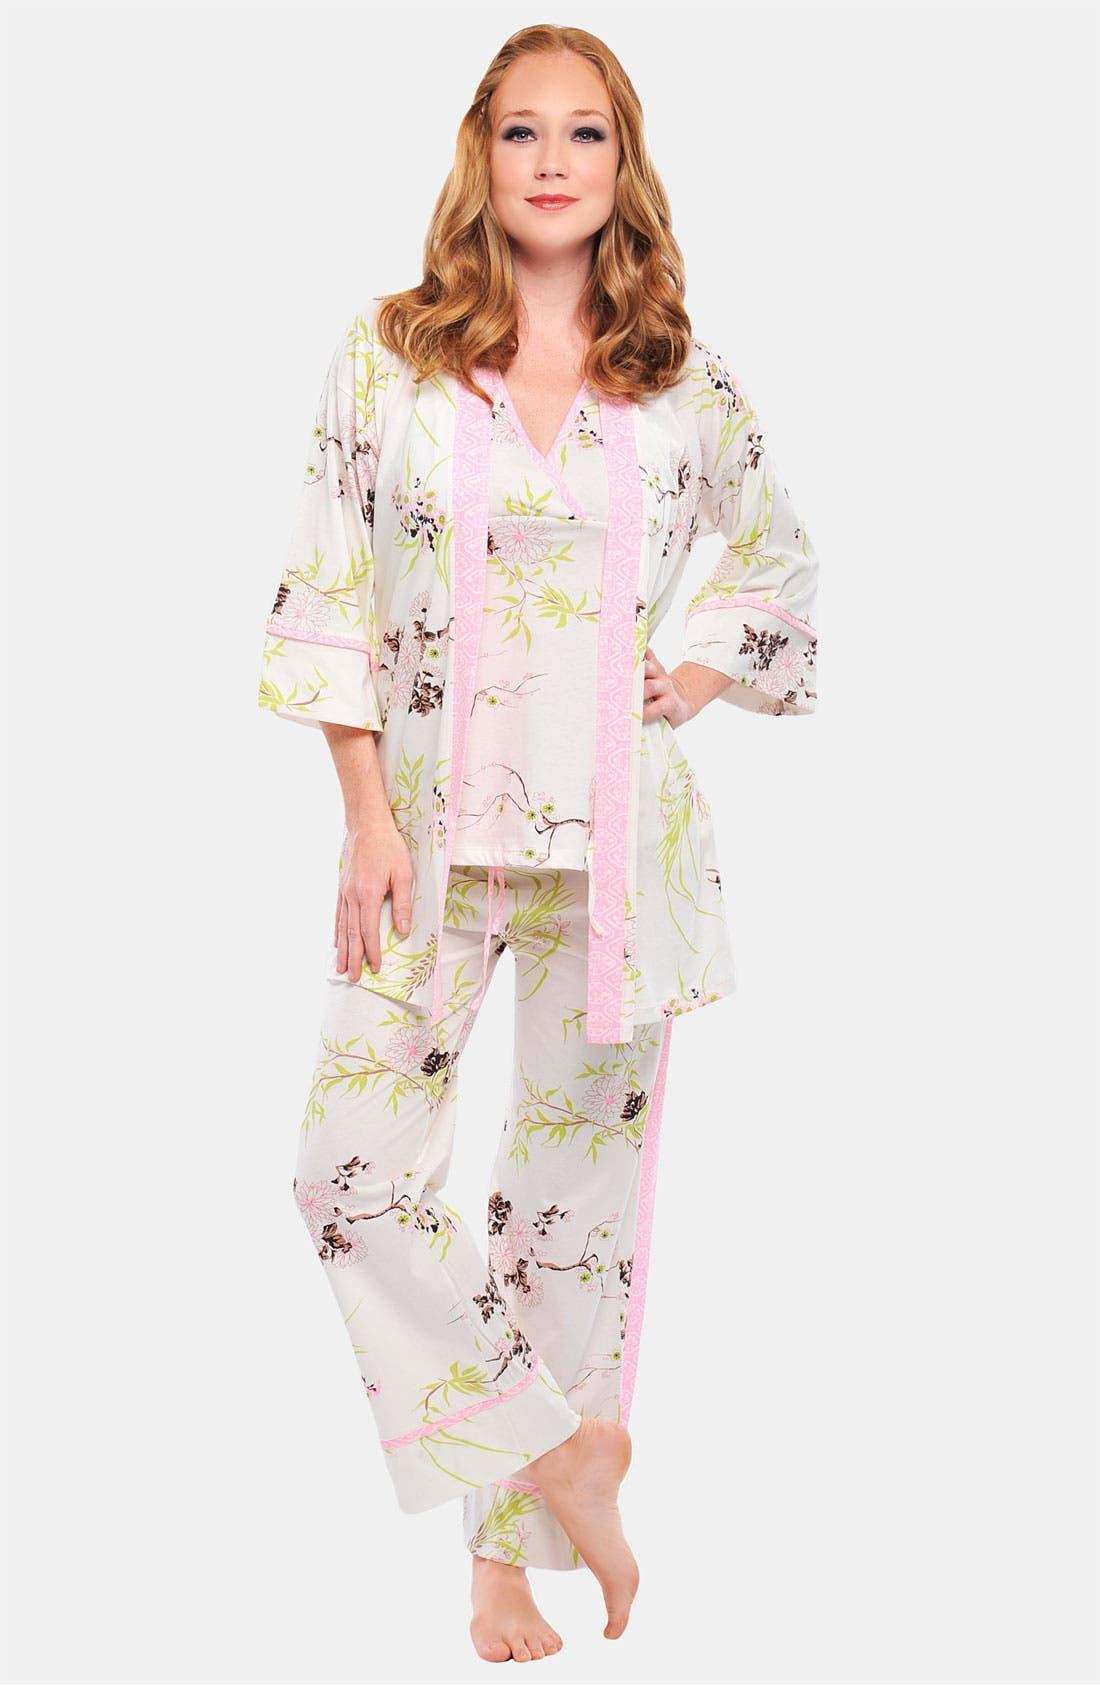 Main Image - Olian 'Anne' 4-Piece Maternity Sleepwear Gift Set